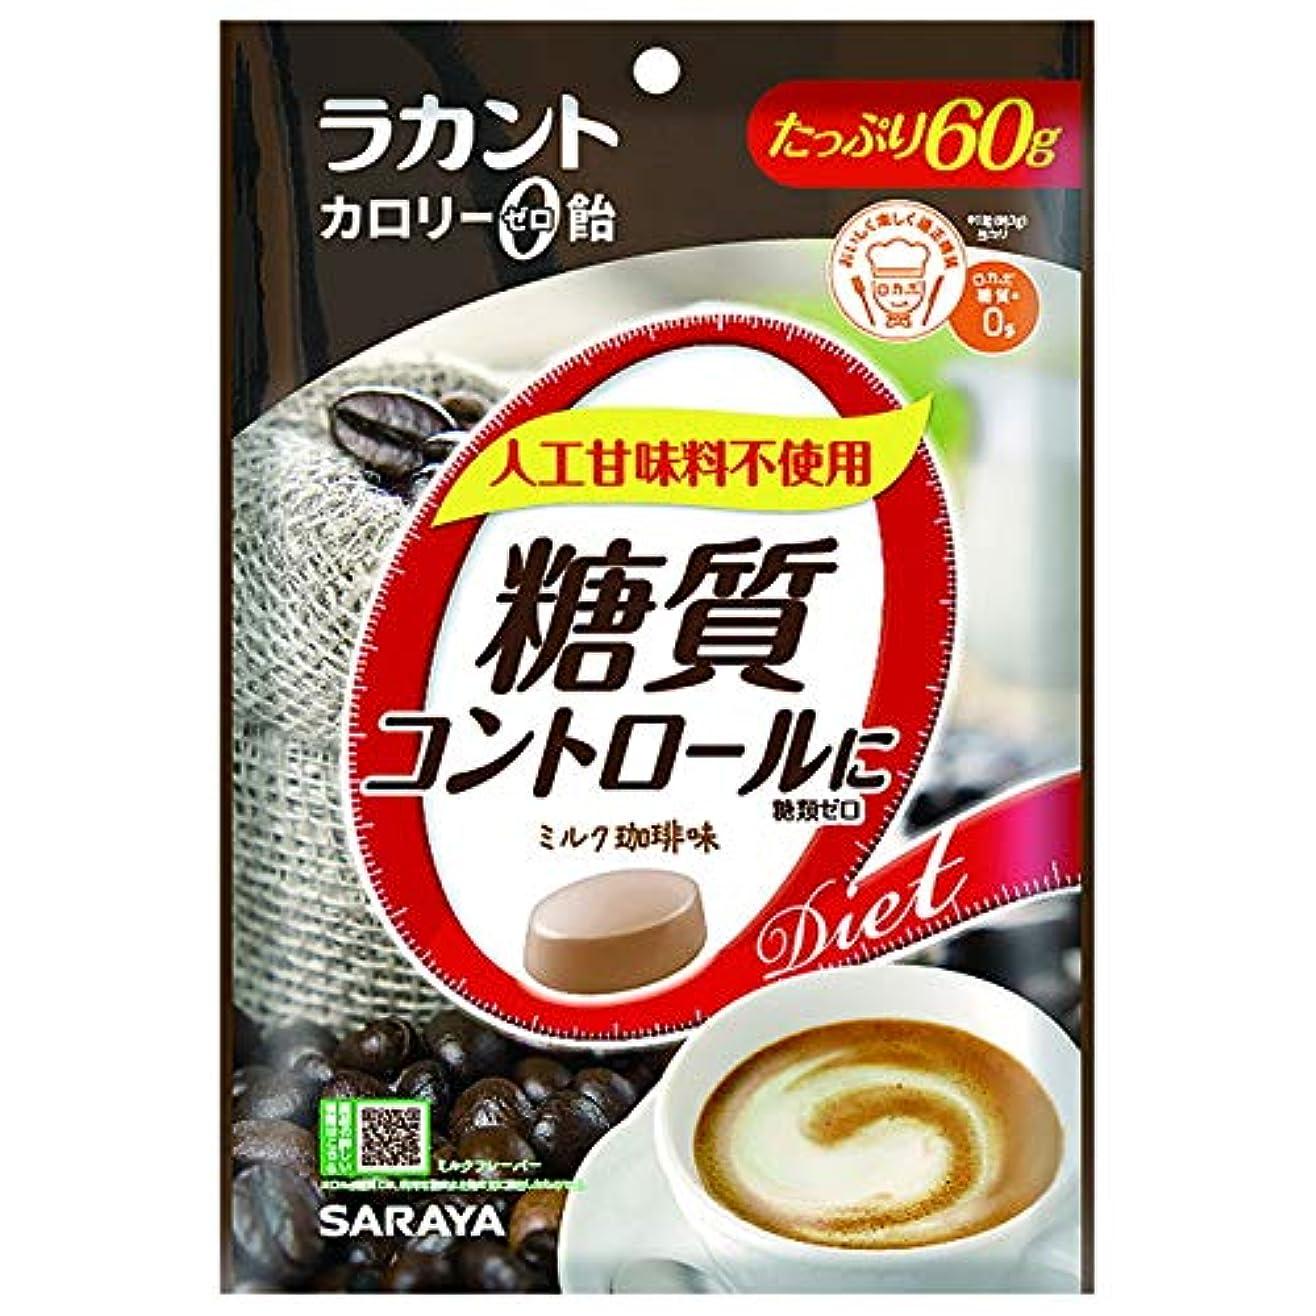 かごスイ酔うラカント カロリーゼロ飴 ミルク珈琲 60g【3個セット】